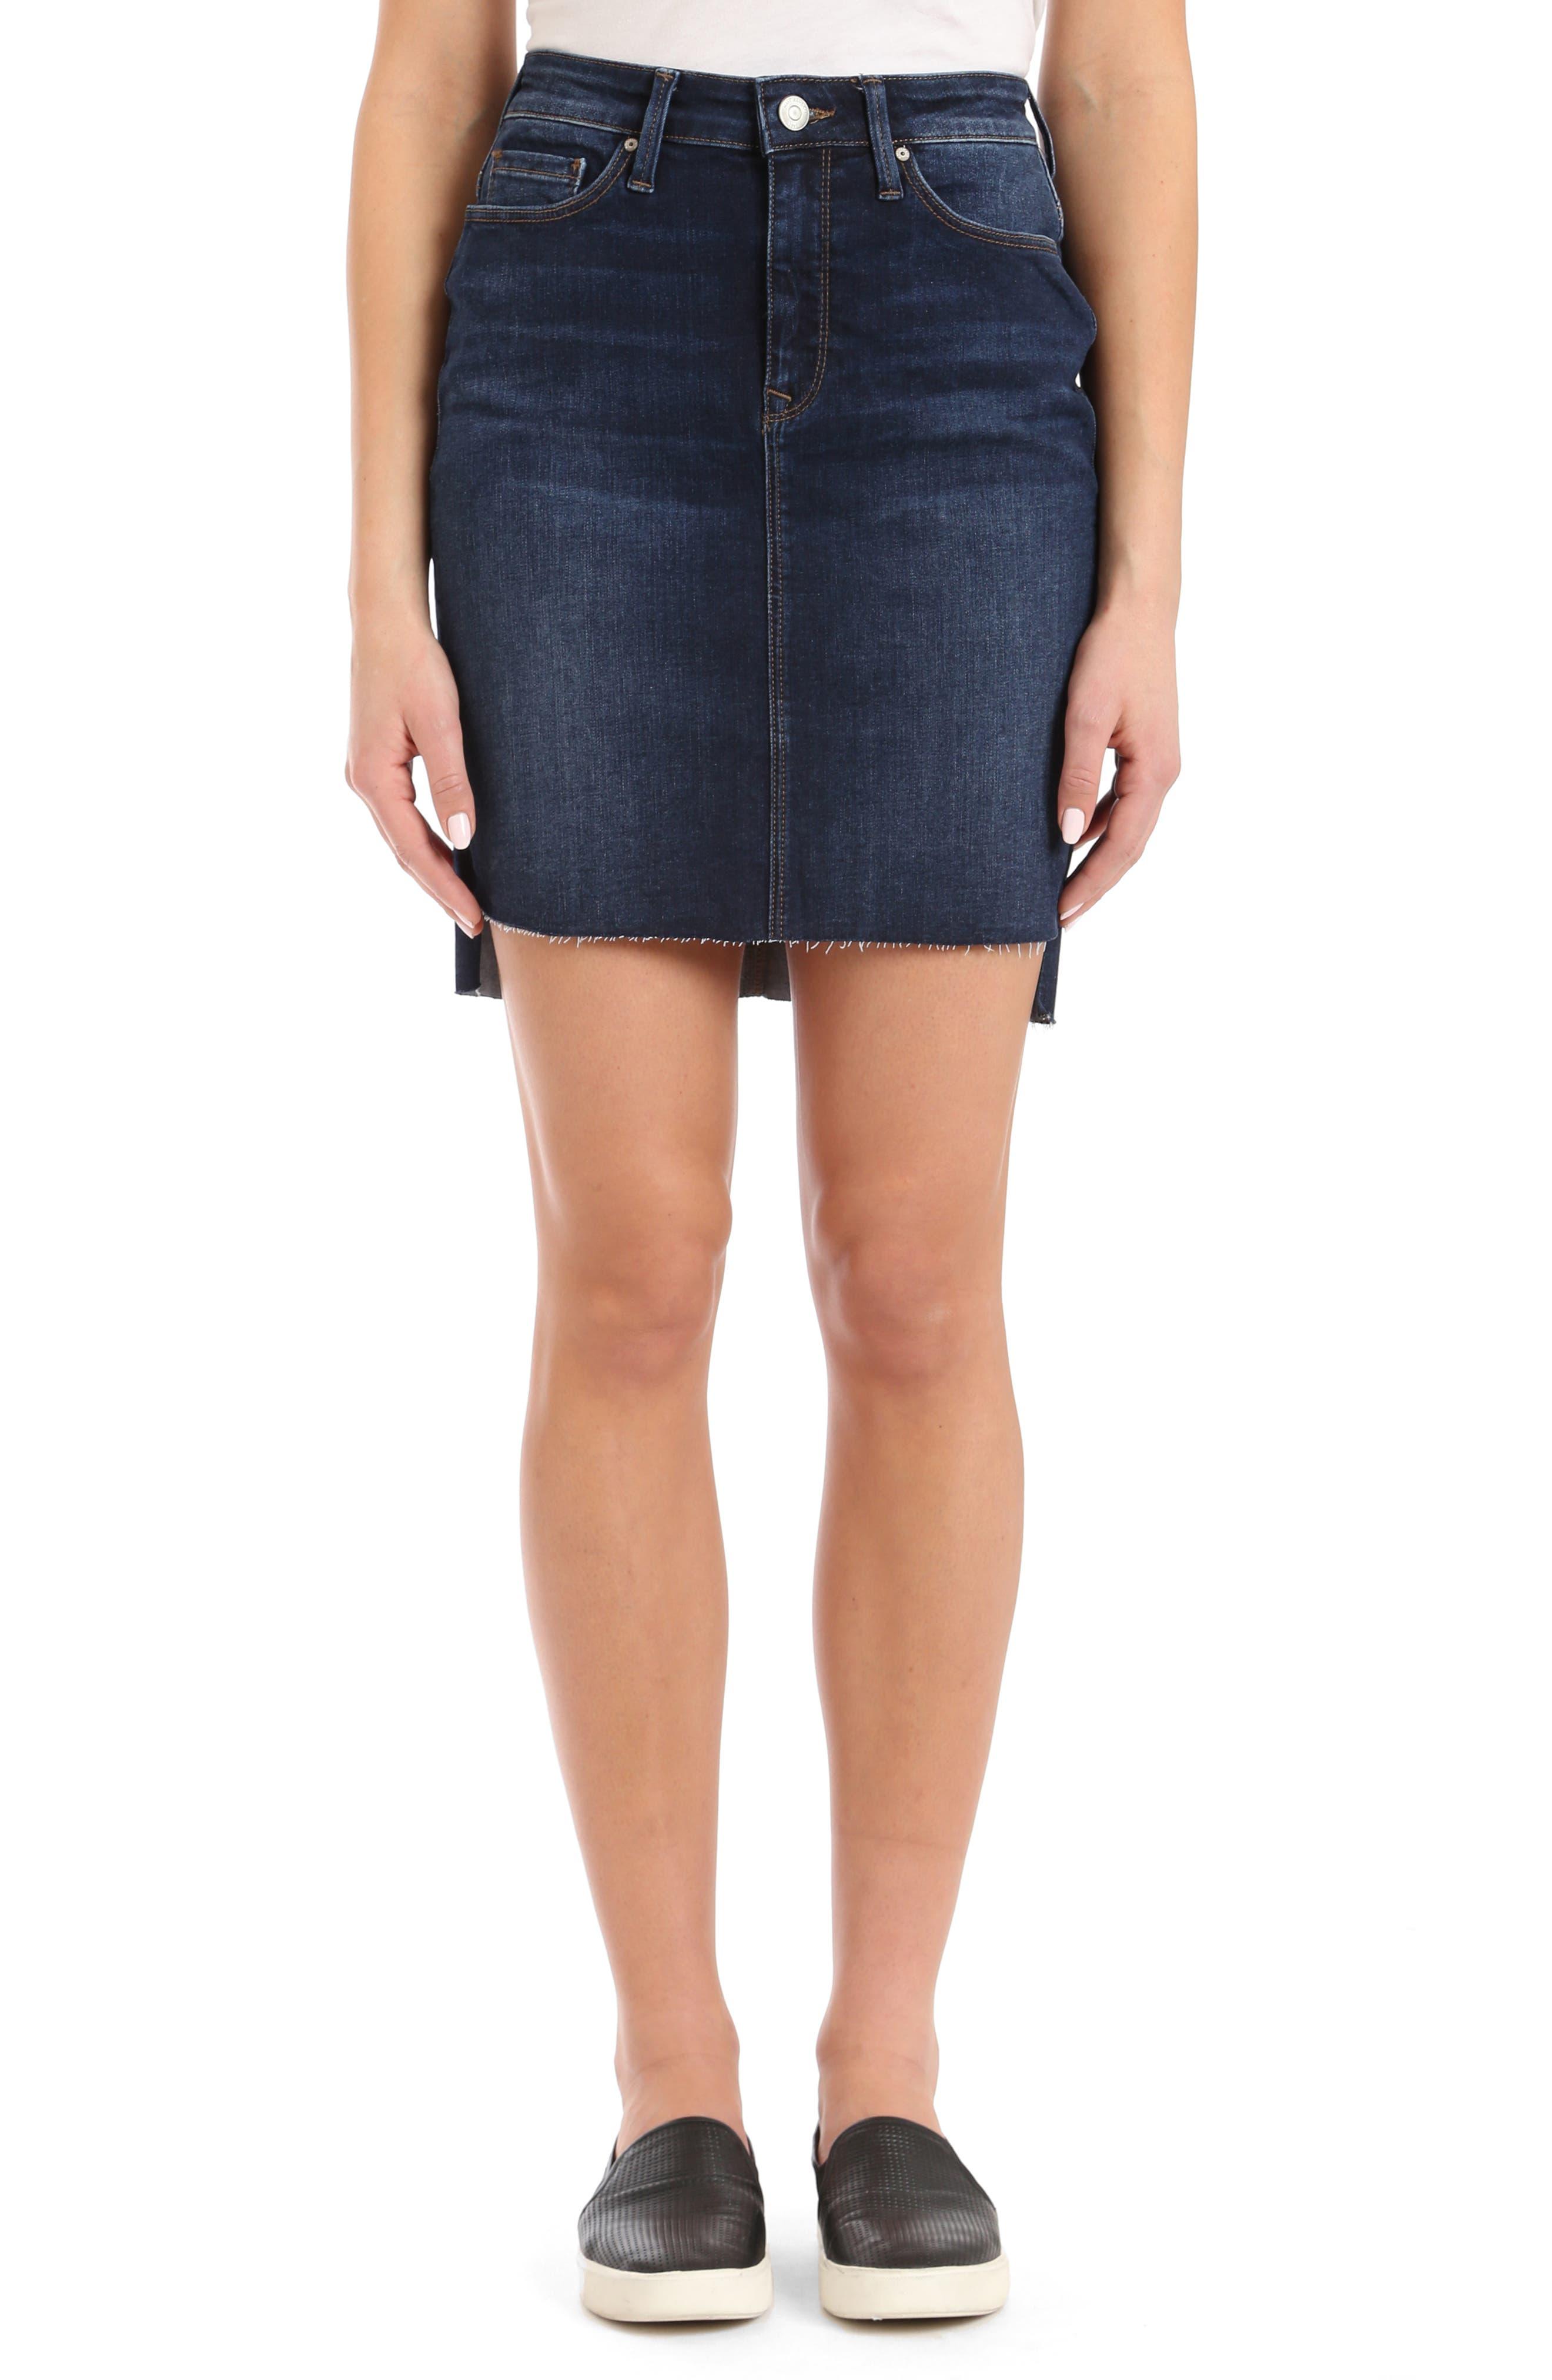 Mavi Jeans Mila Frayed Denim Skirt, Blue